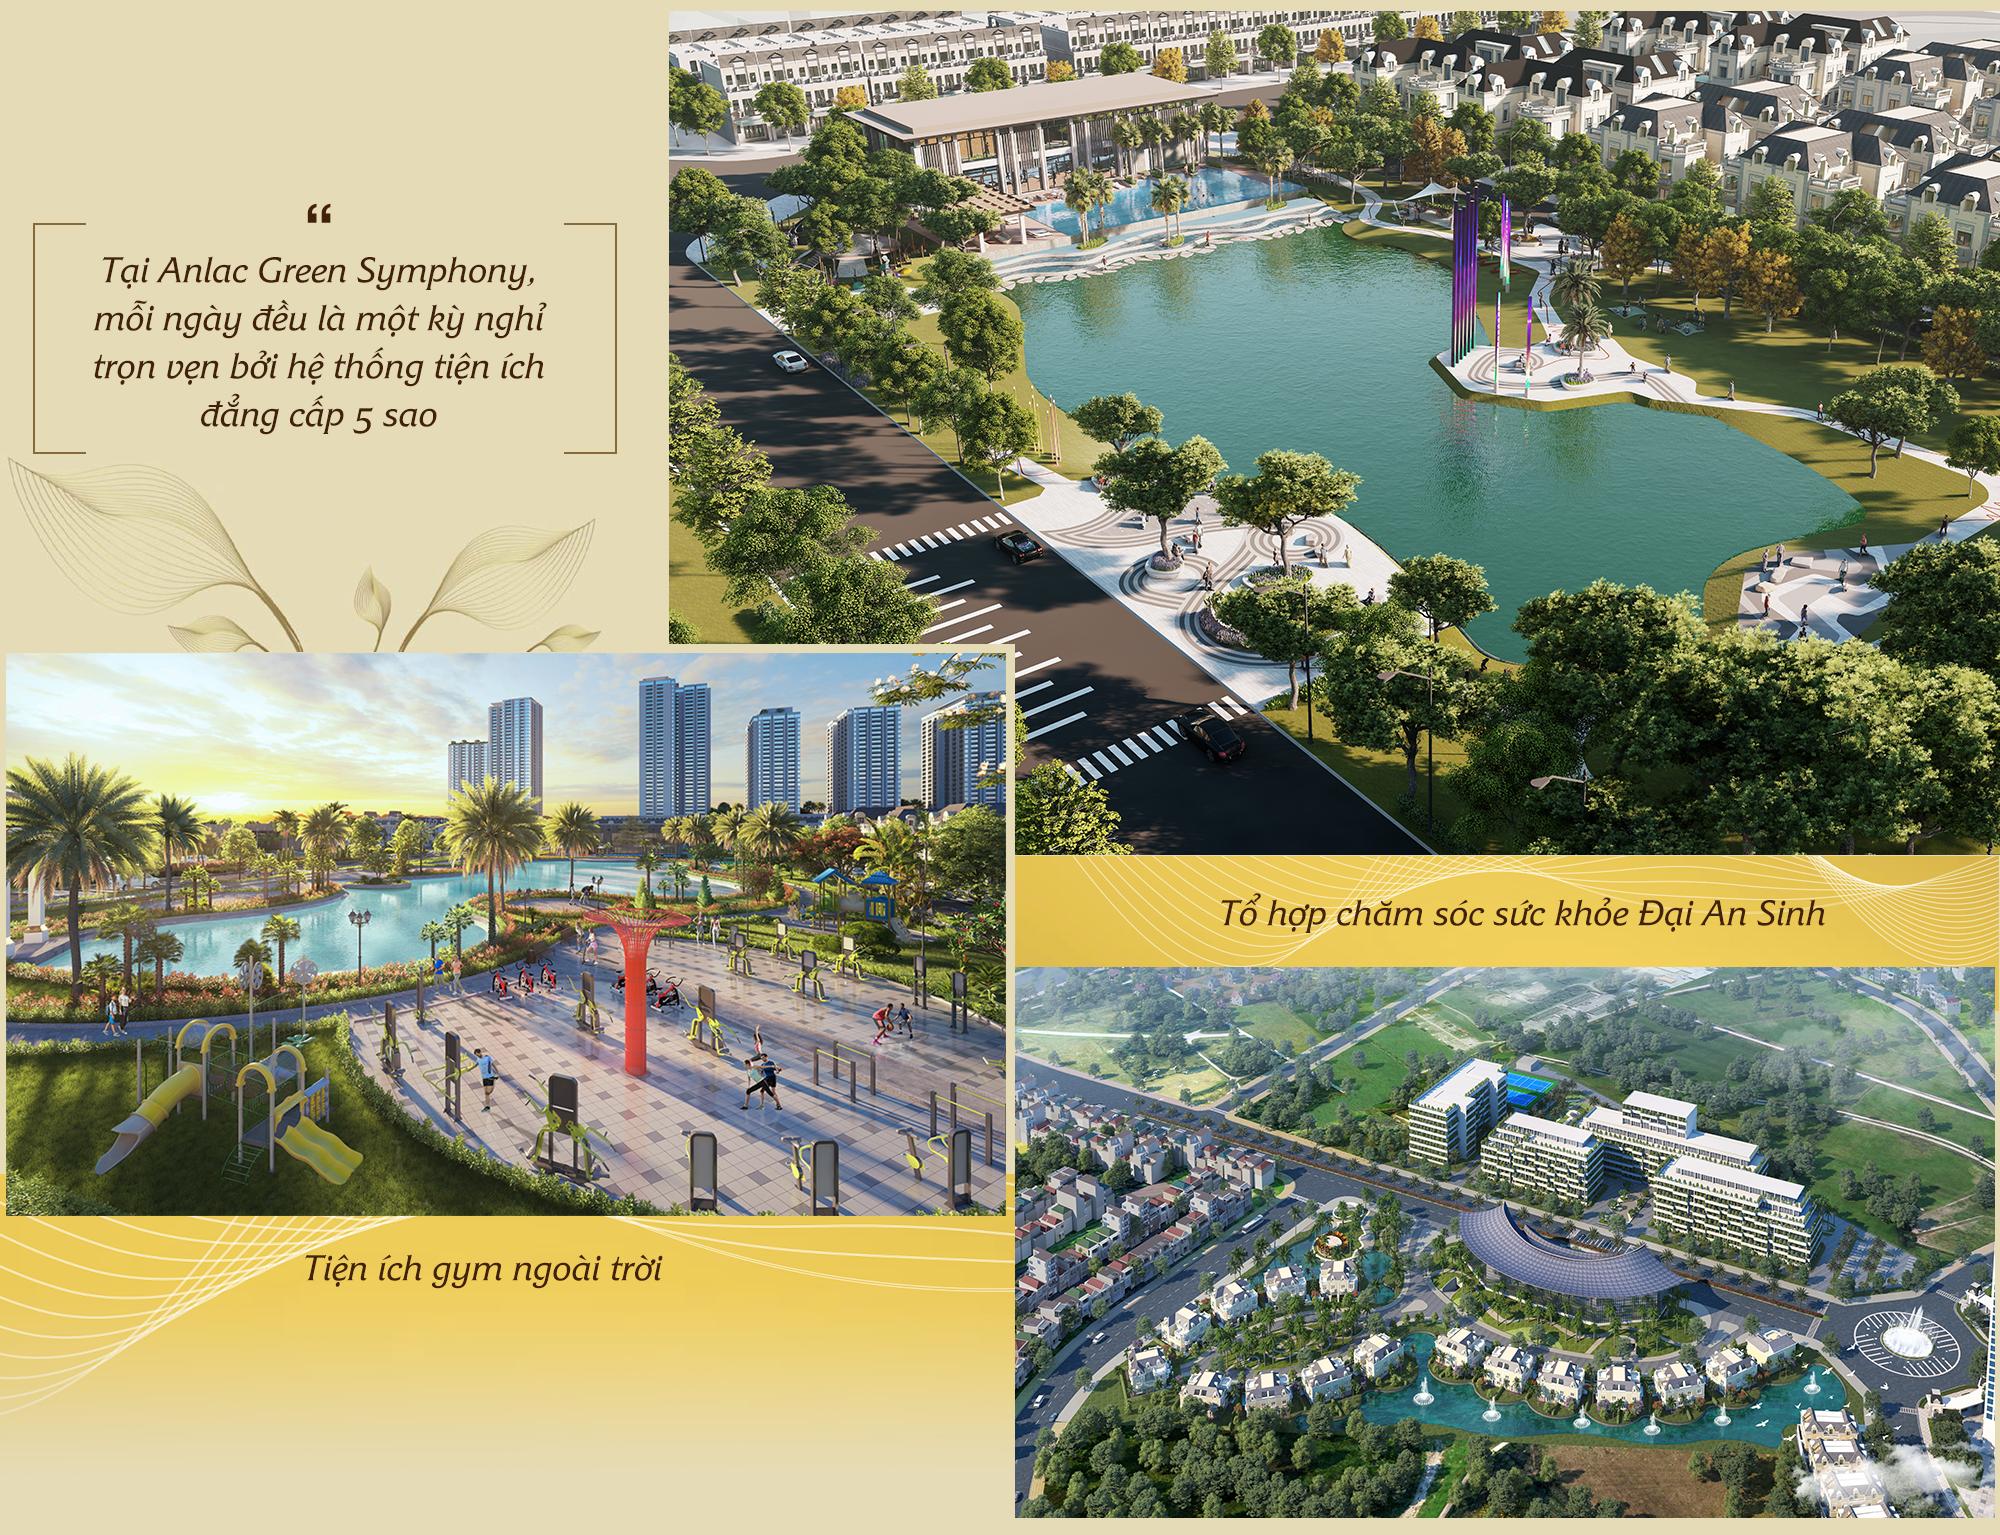 """Kiến tạo mô hình đô thị """"bán khép kín"""" đầu tiên tại phía Tây Hà Nội, Anlac Group tiếp tục khẳng định vị thế trên thị trường bất động sản - Ảnh 7."""